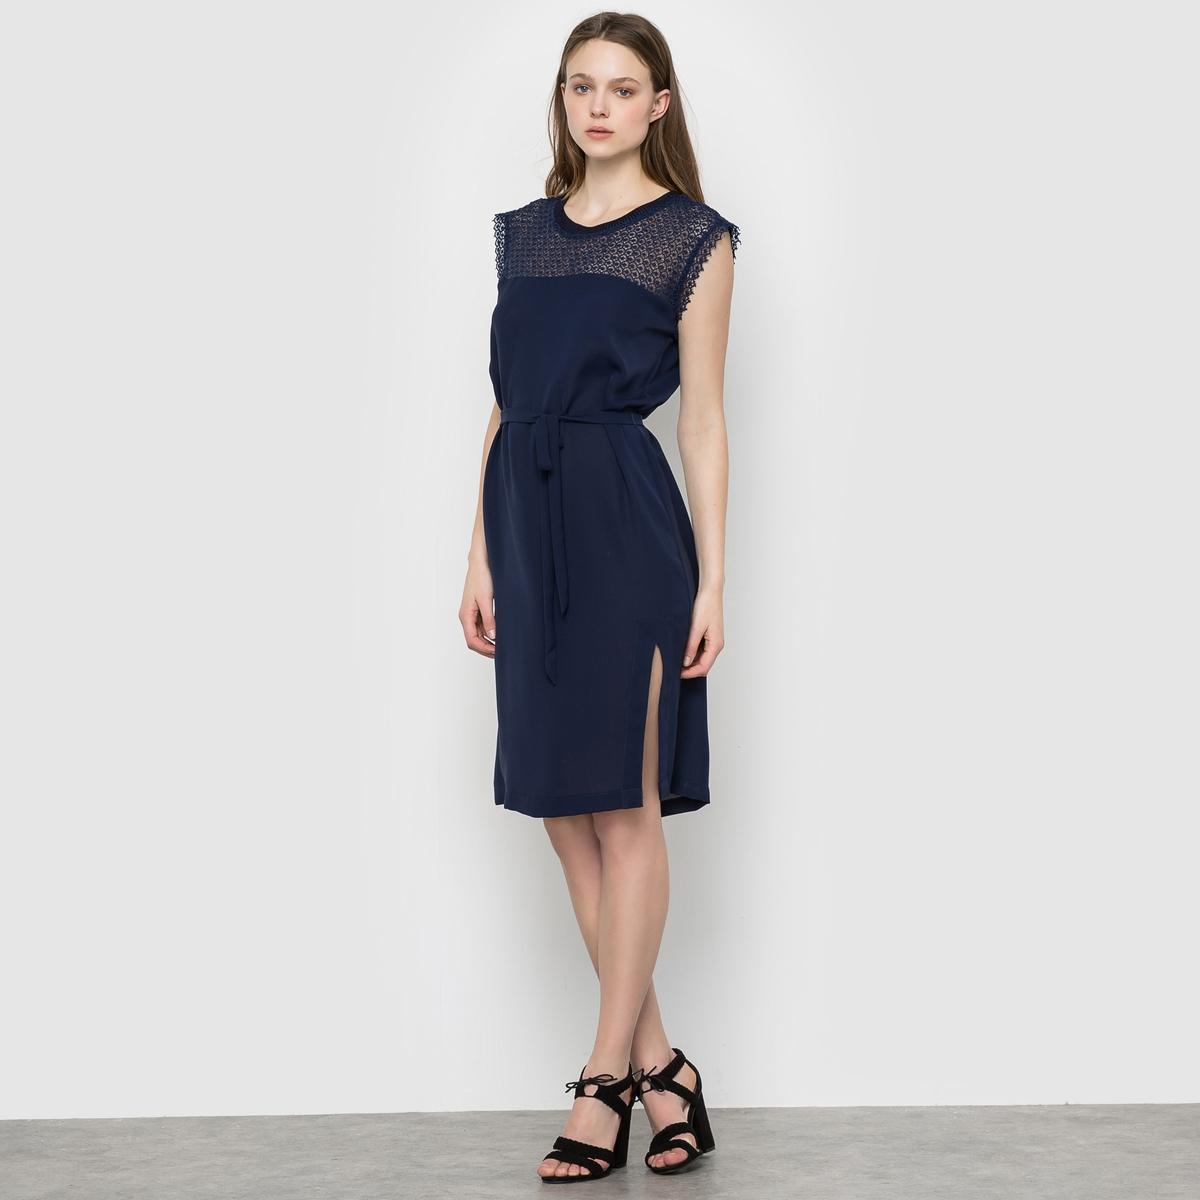 Платье с пышными рукавами SUNCOOПлатье с пышными рукавами SUNCOO. Платье прямое. Верх из кружева. Круглый вырез. Пояс с завязками. Состав и описание:Материал: 97% полиэстера, 3% эластана. На подкладке из 100% полиэстера.Марка: SUNCOO.<br><br>Цвет: синий морской<br>Размер: XS